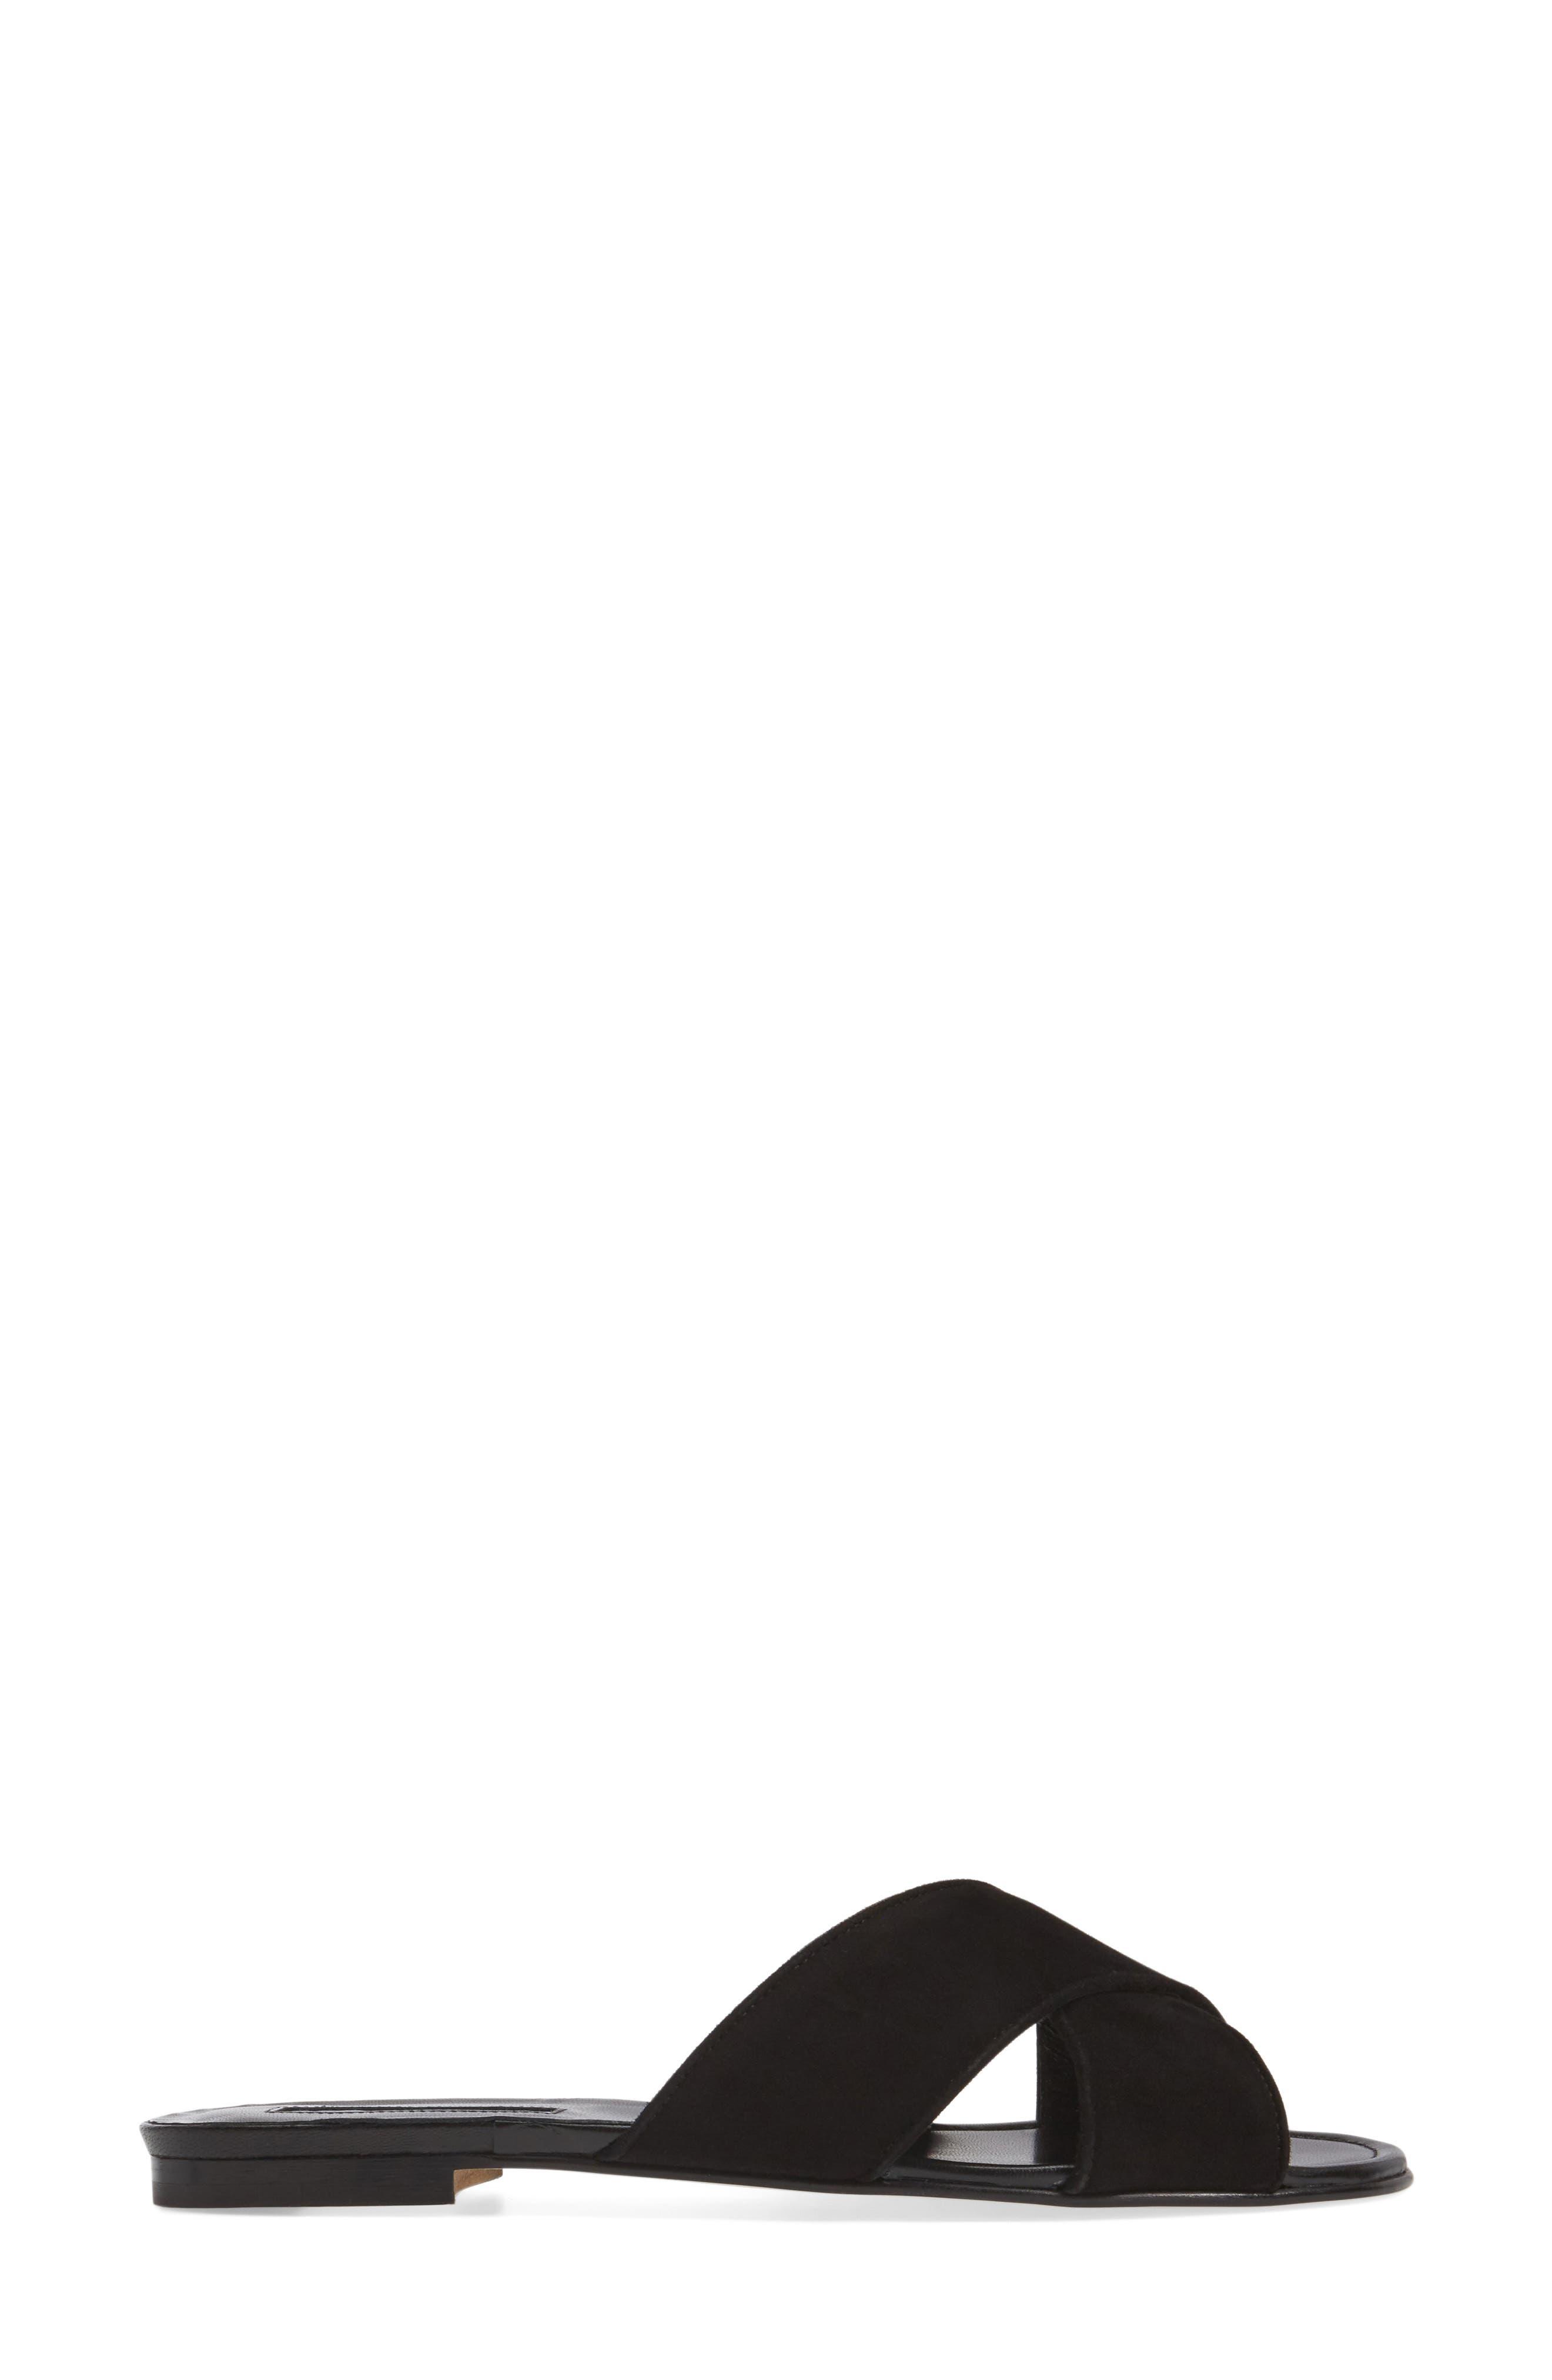 Otawi Slide Sandal,                             Alternate thumbnail 3, color,                             001